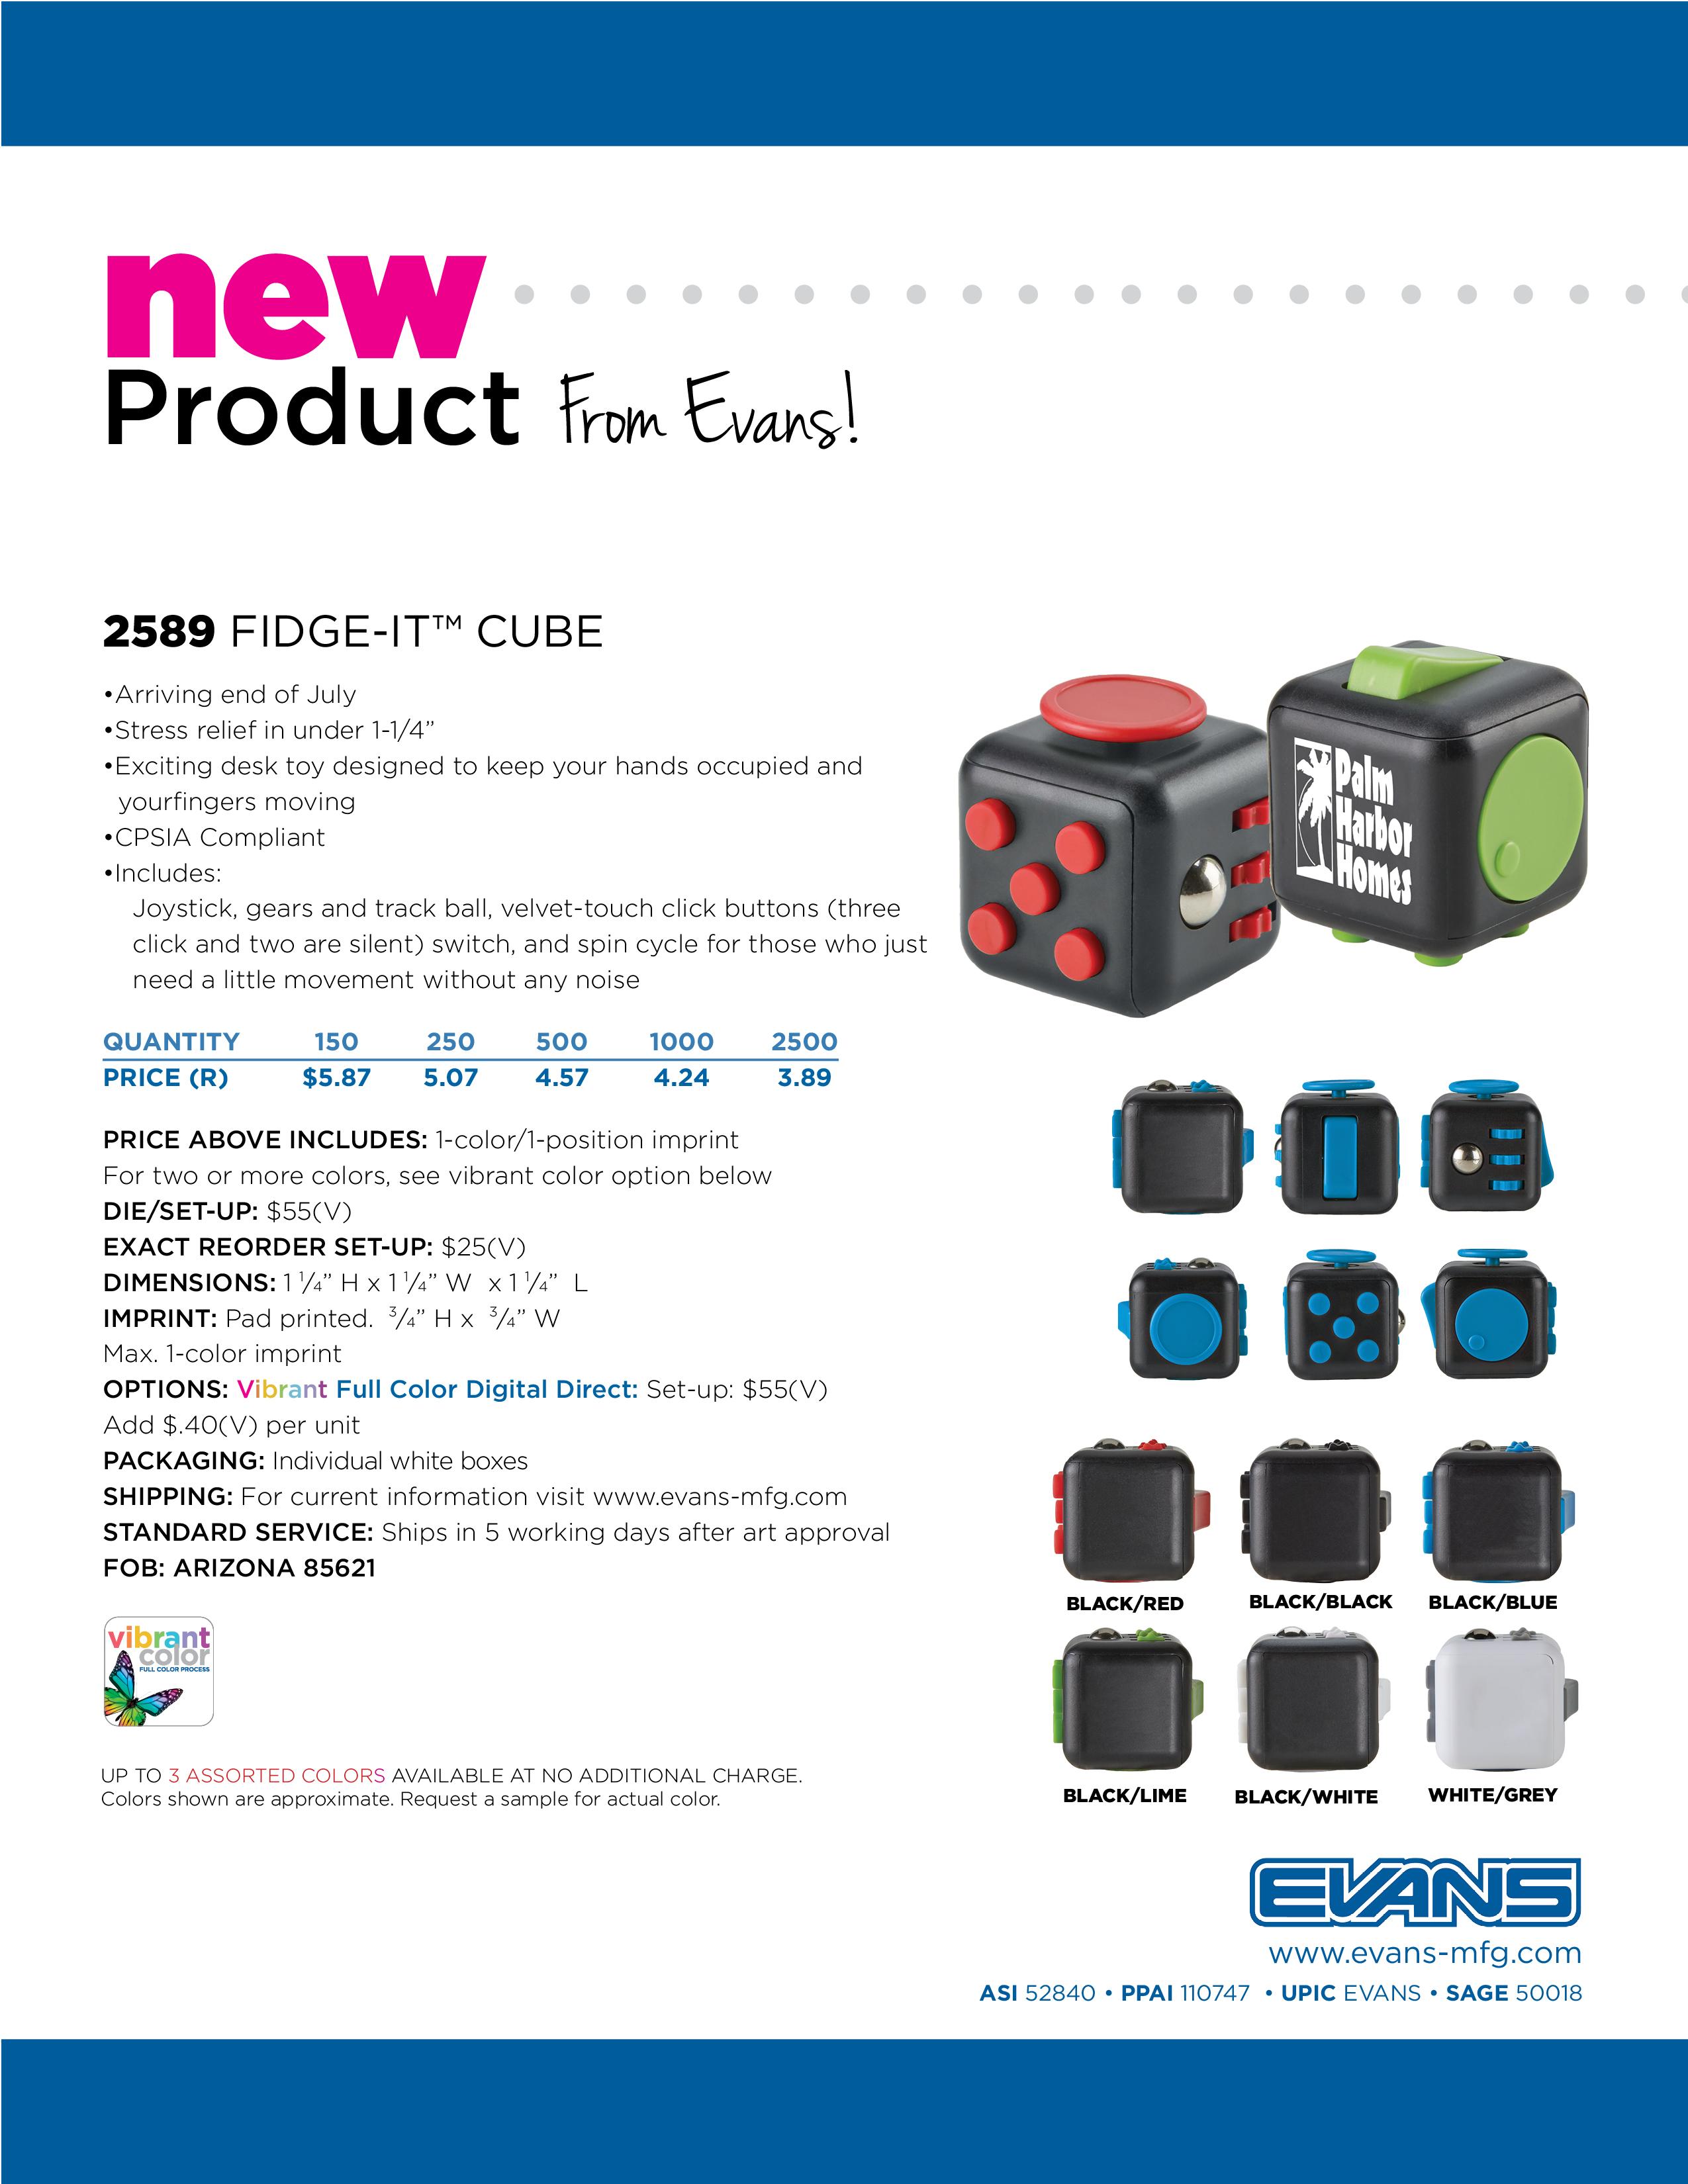 2589 Fidge-It Cube